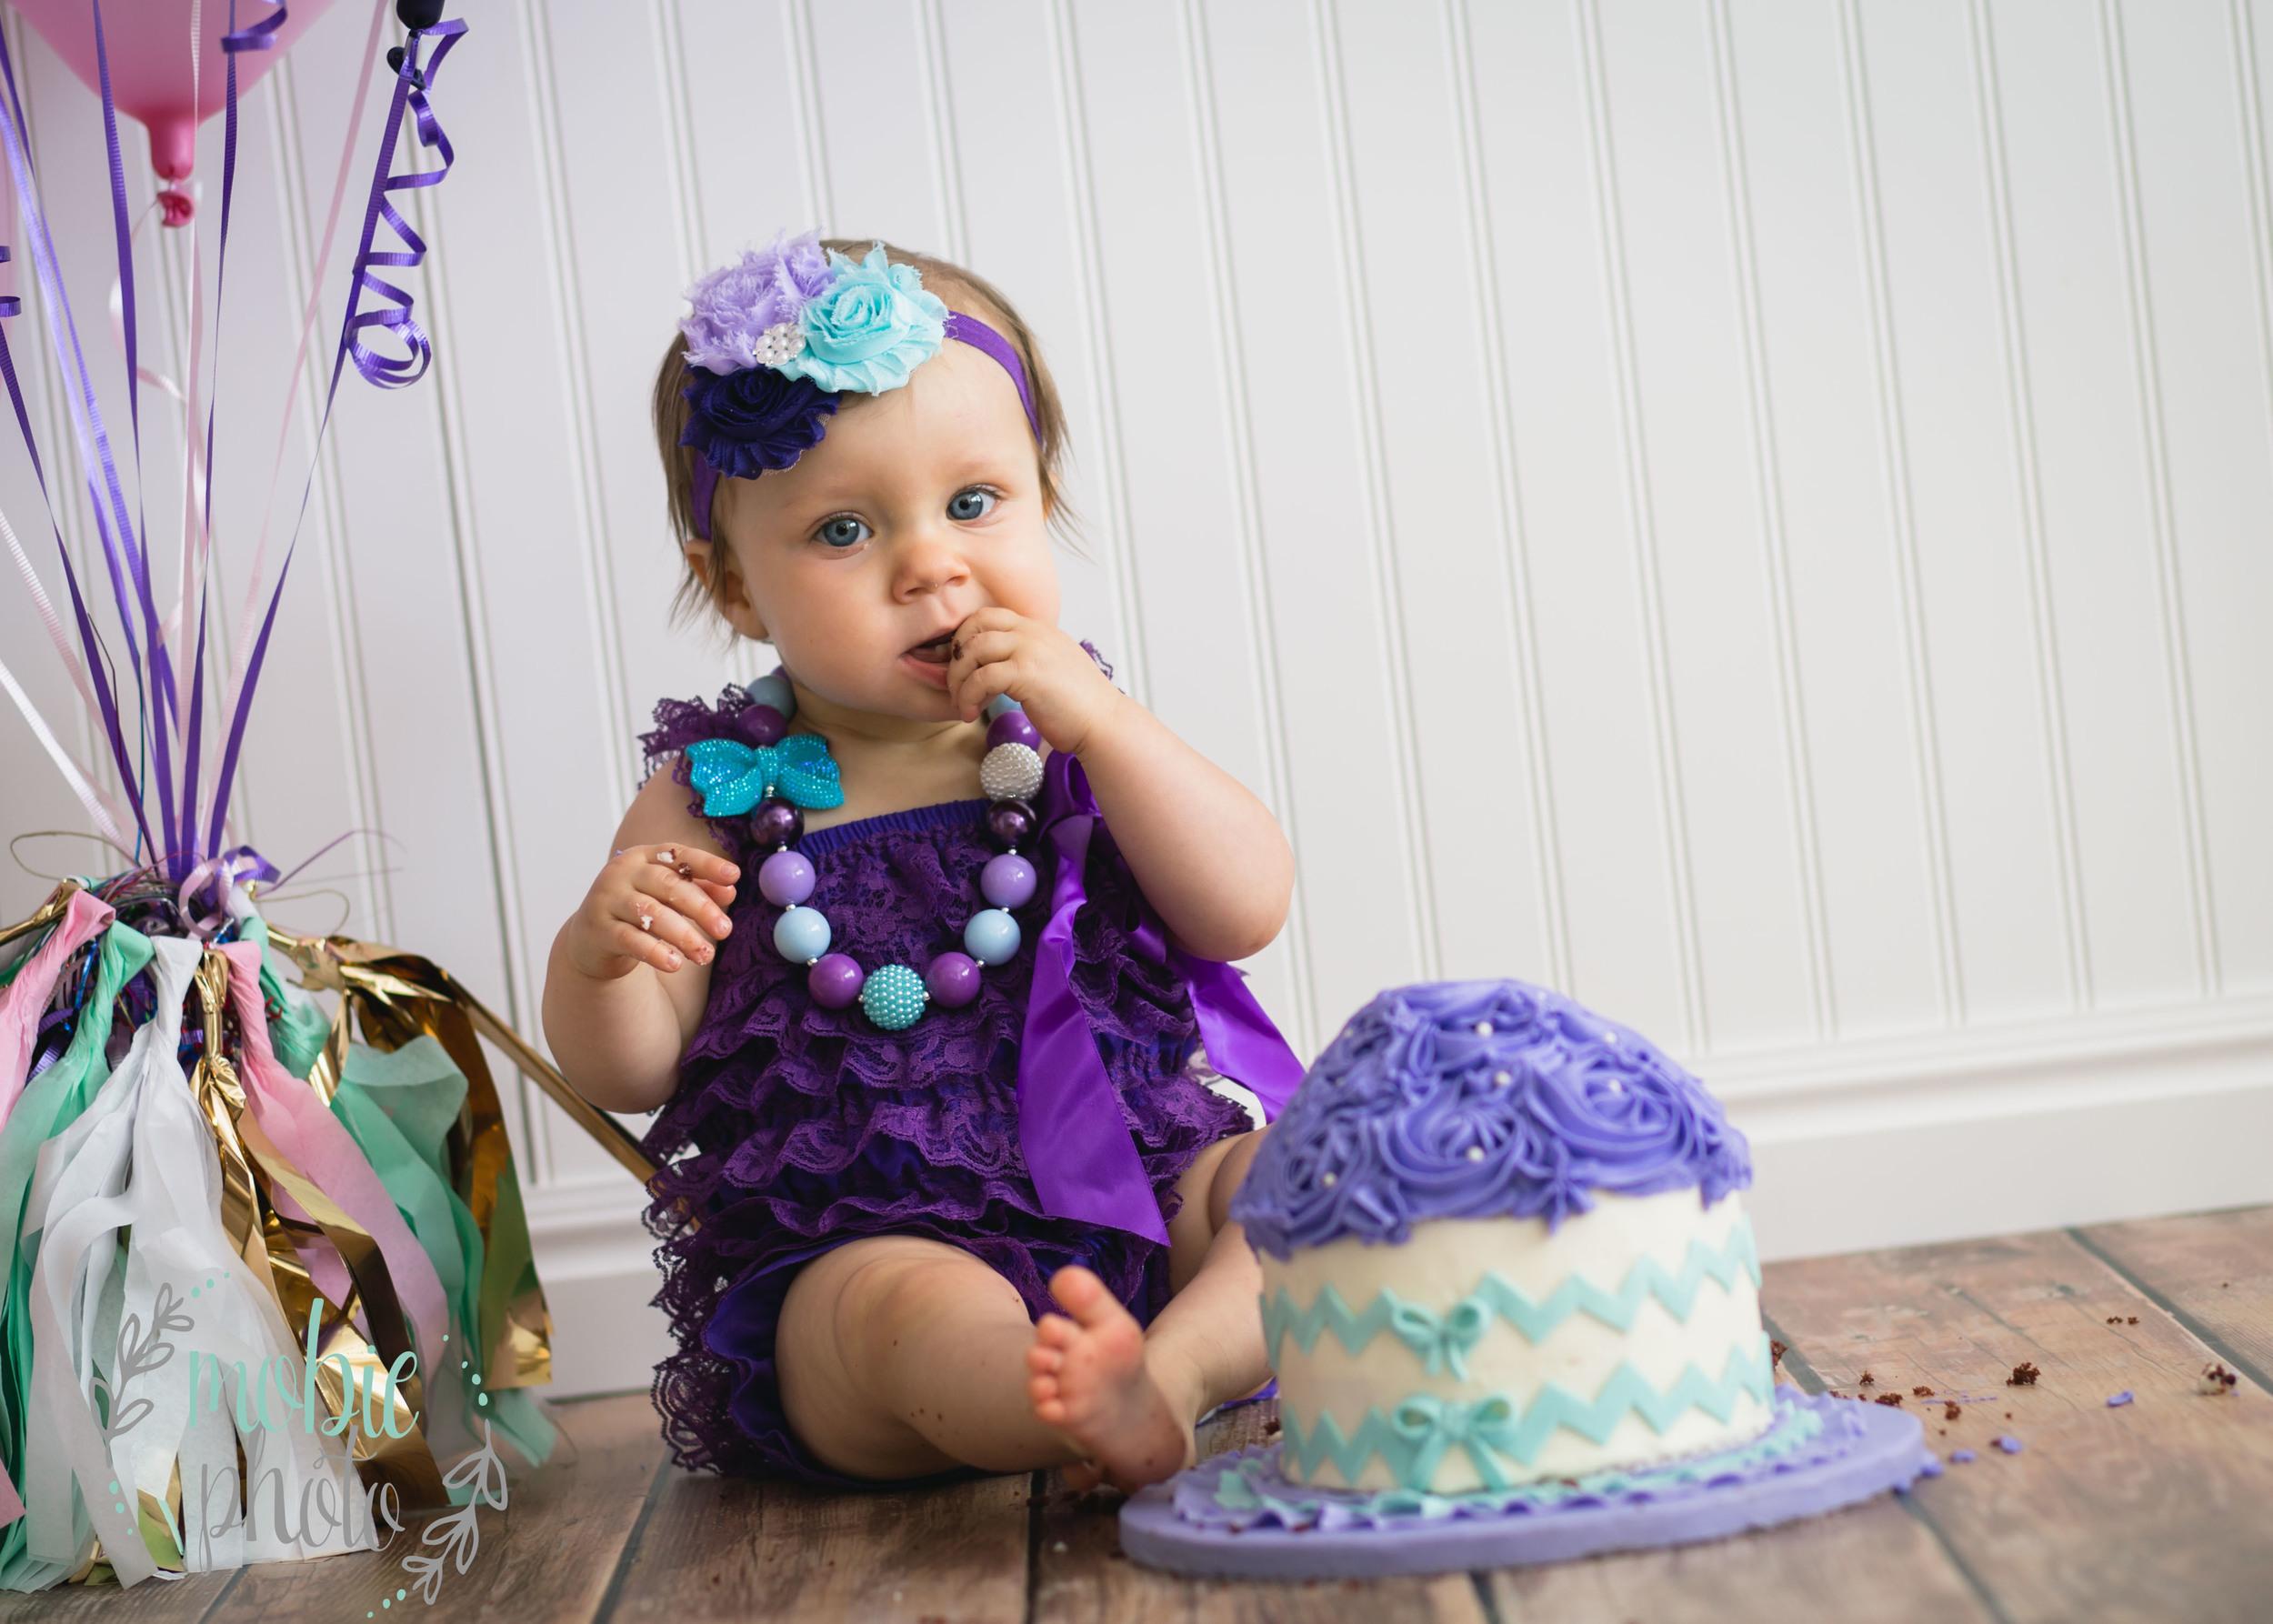 Mobie Photo - First Birthday Cake Smash - Lehi, Utah